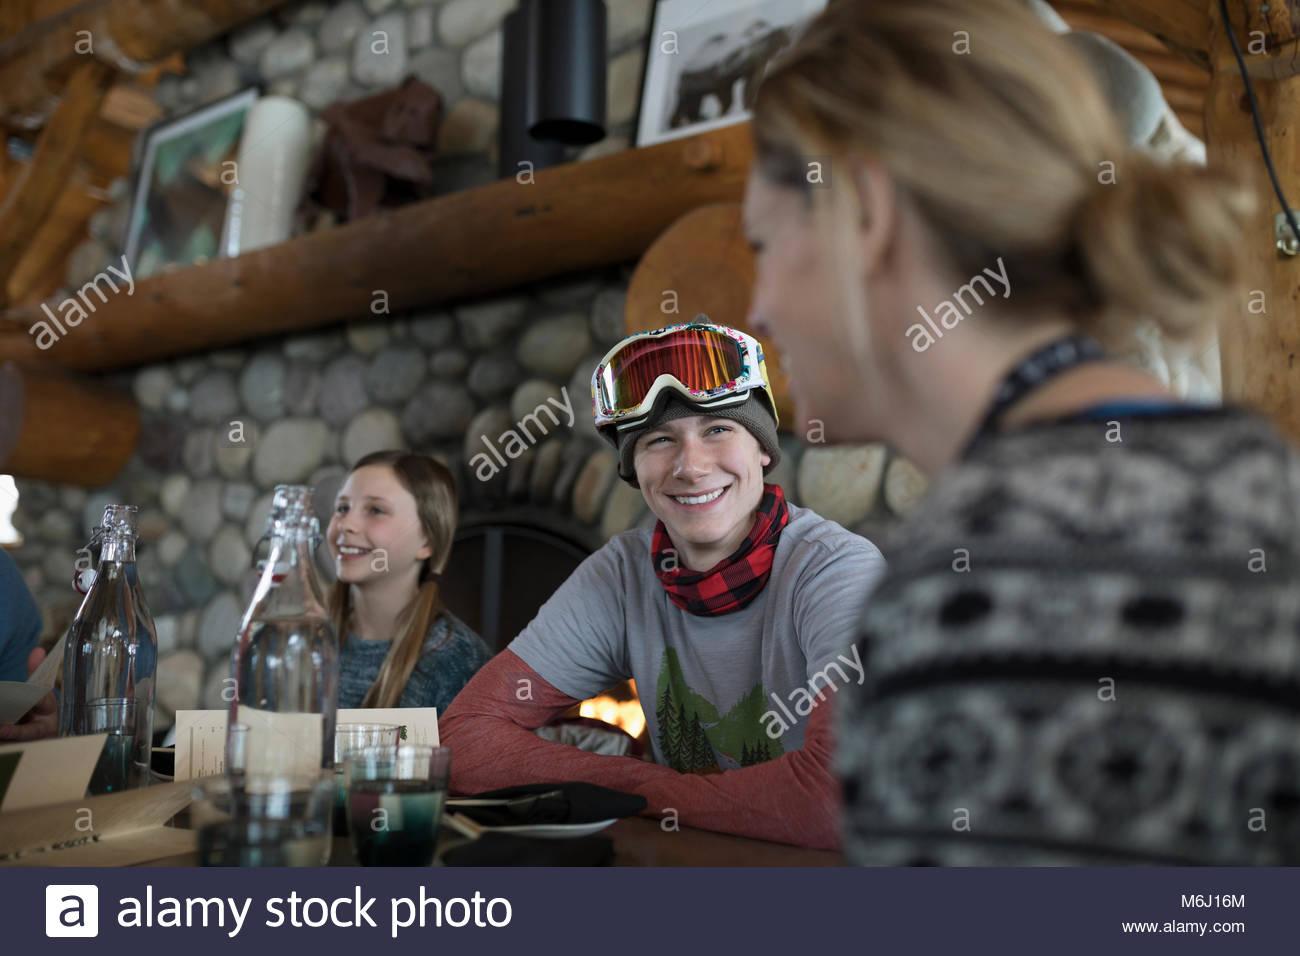 Esquiador sonriente hijo con familia en ski resort lodge restaurant Imagen De Stock